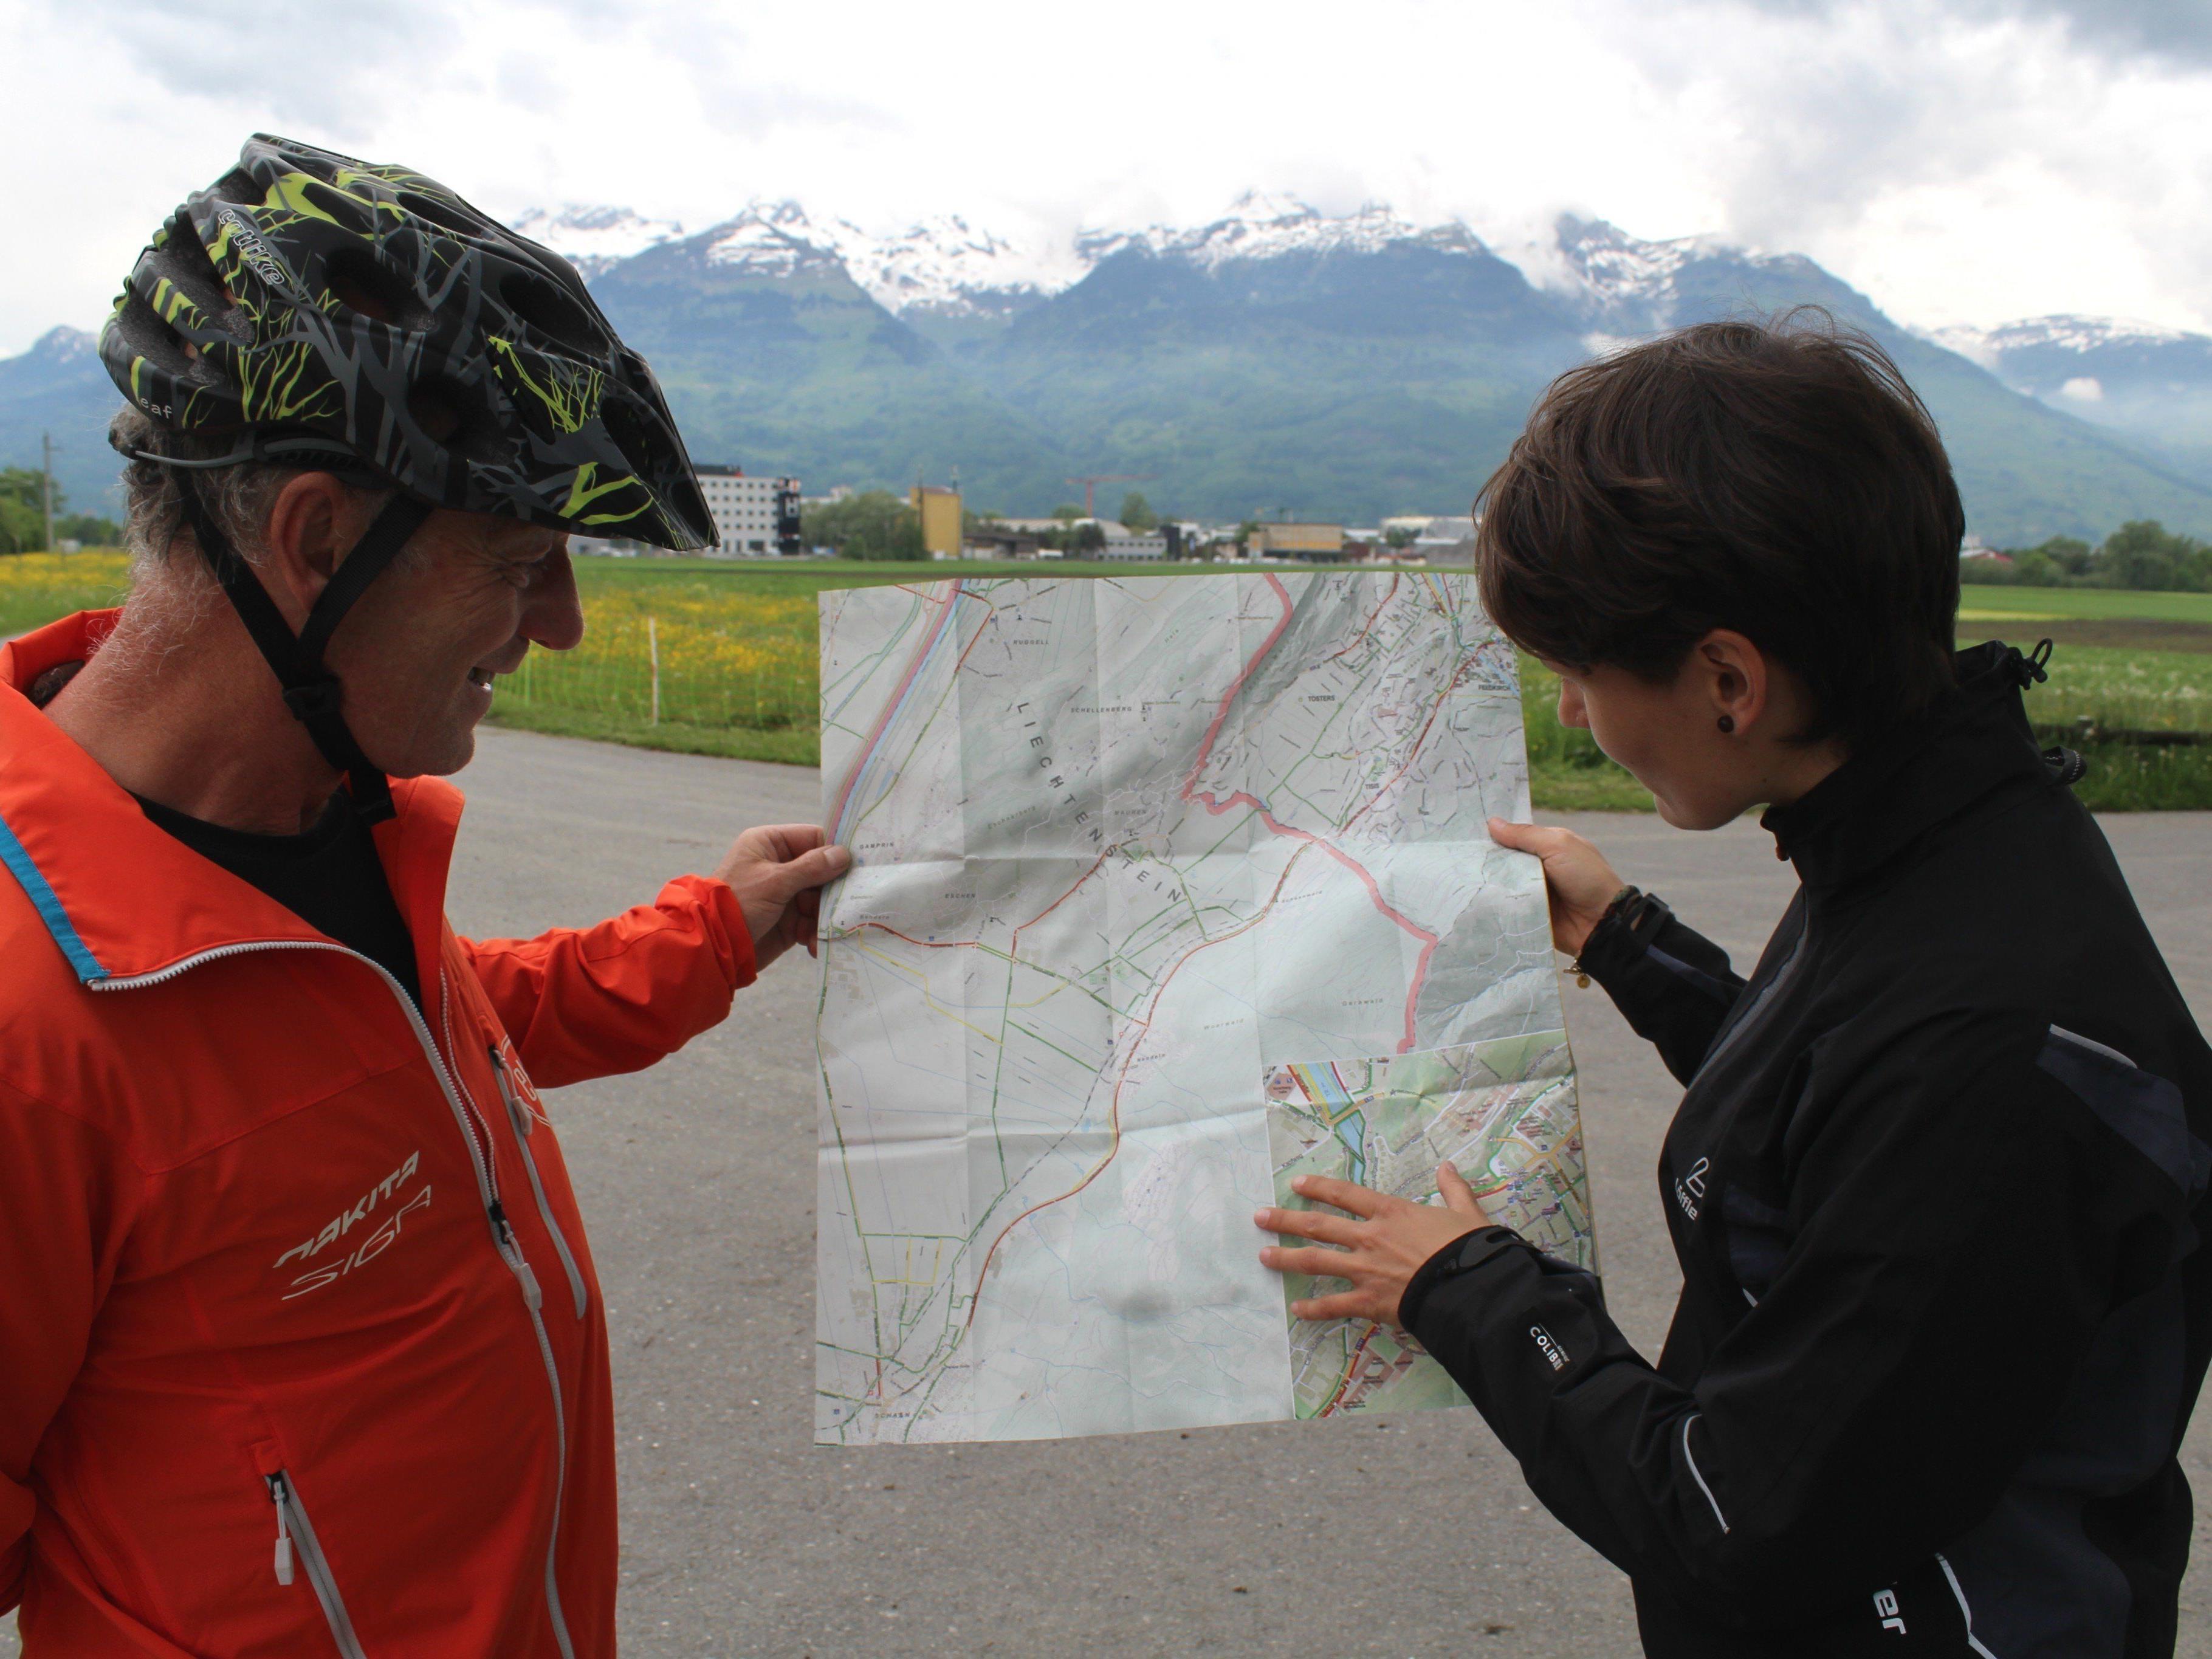 Fahrrad-Beauftragte Elisabeth Mair gab Tipps zu Pendlerrouten nach Liechtenstein.